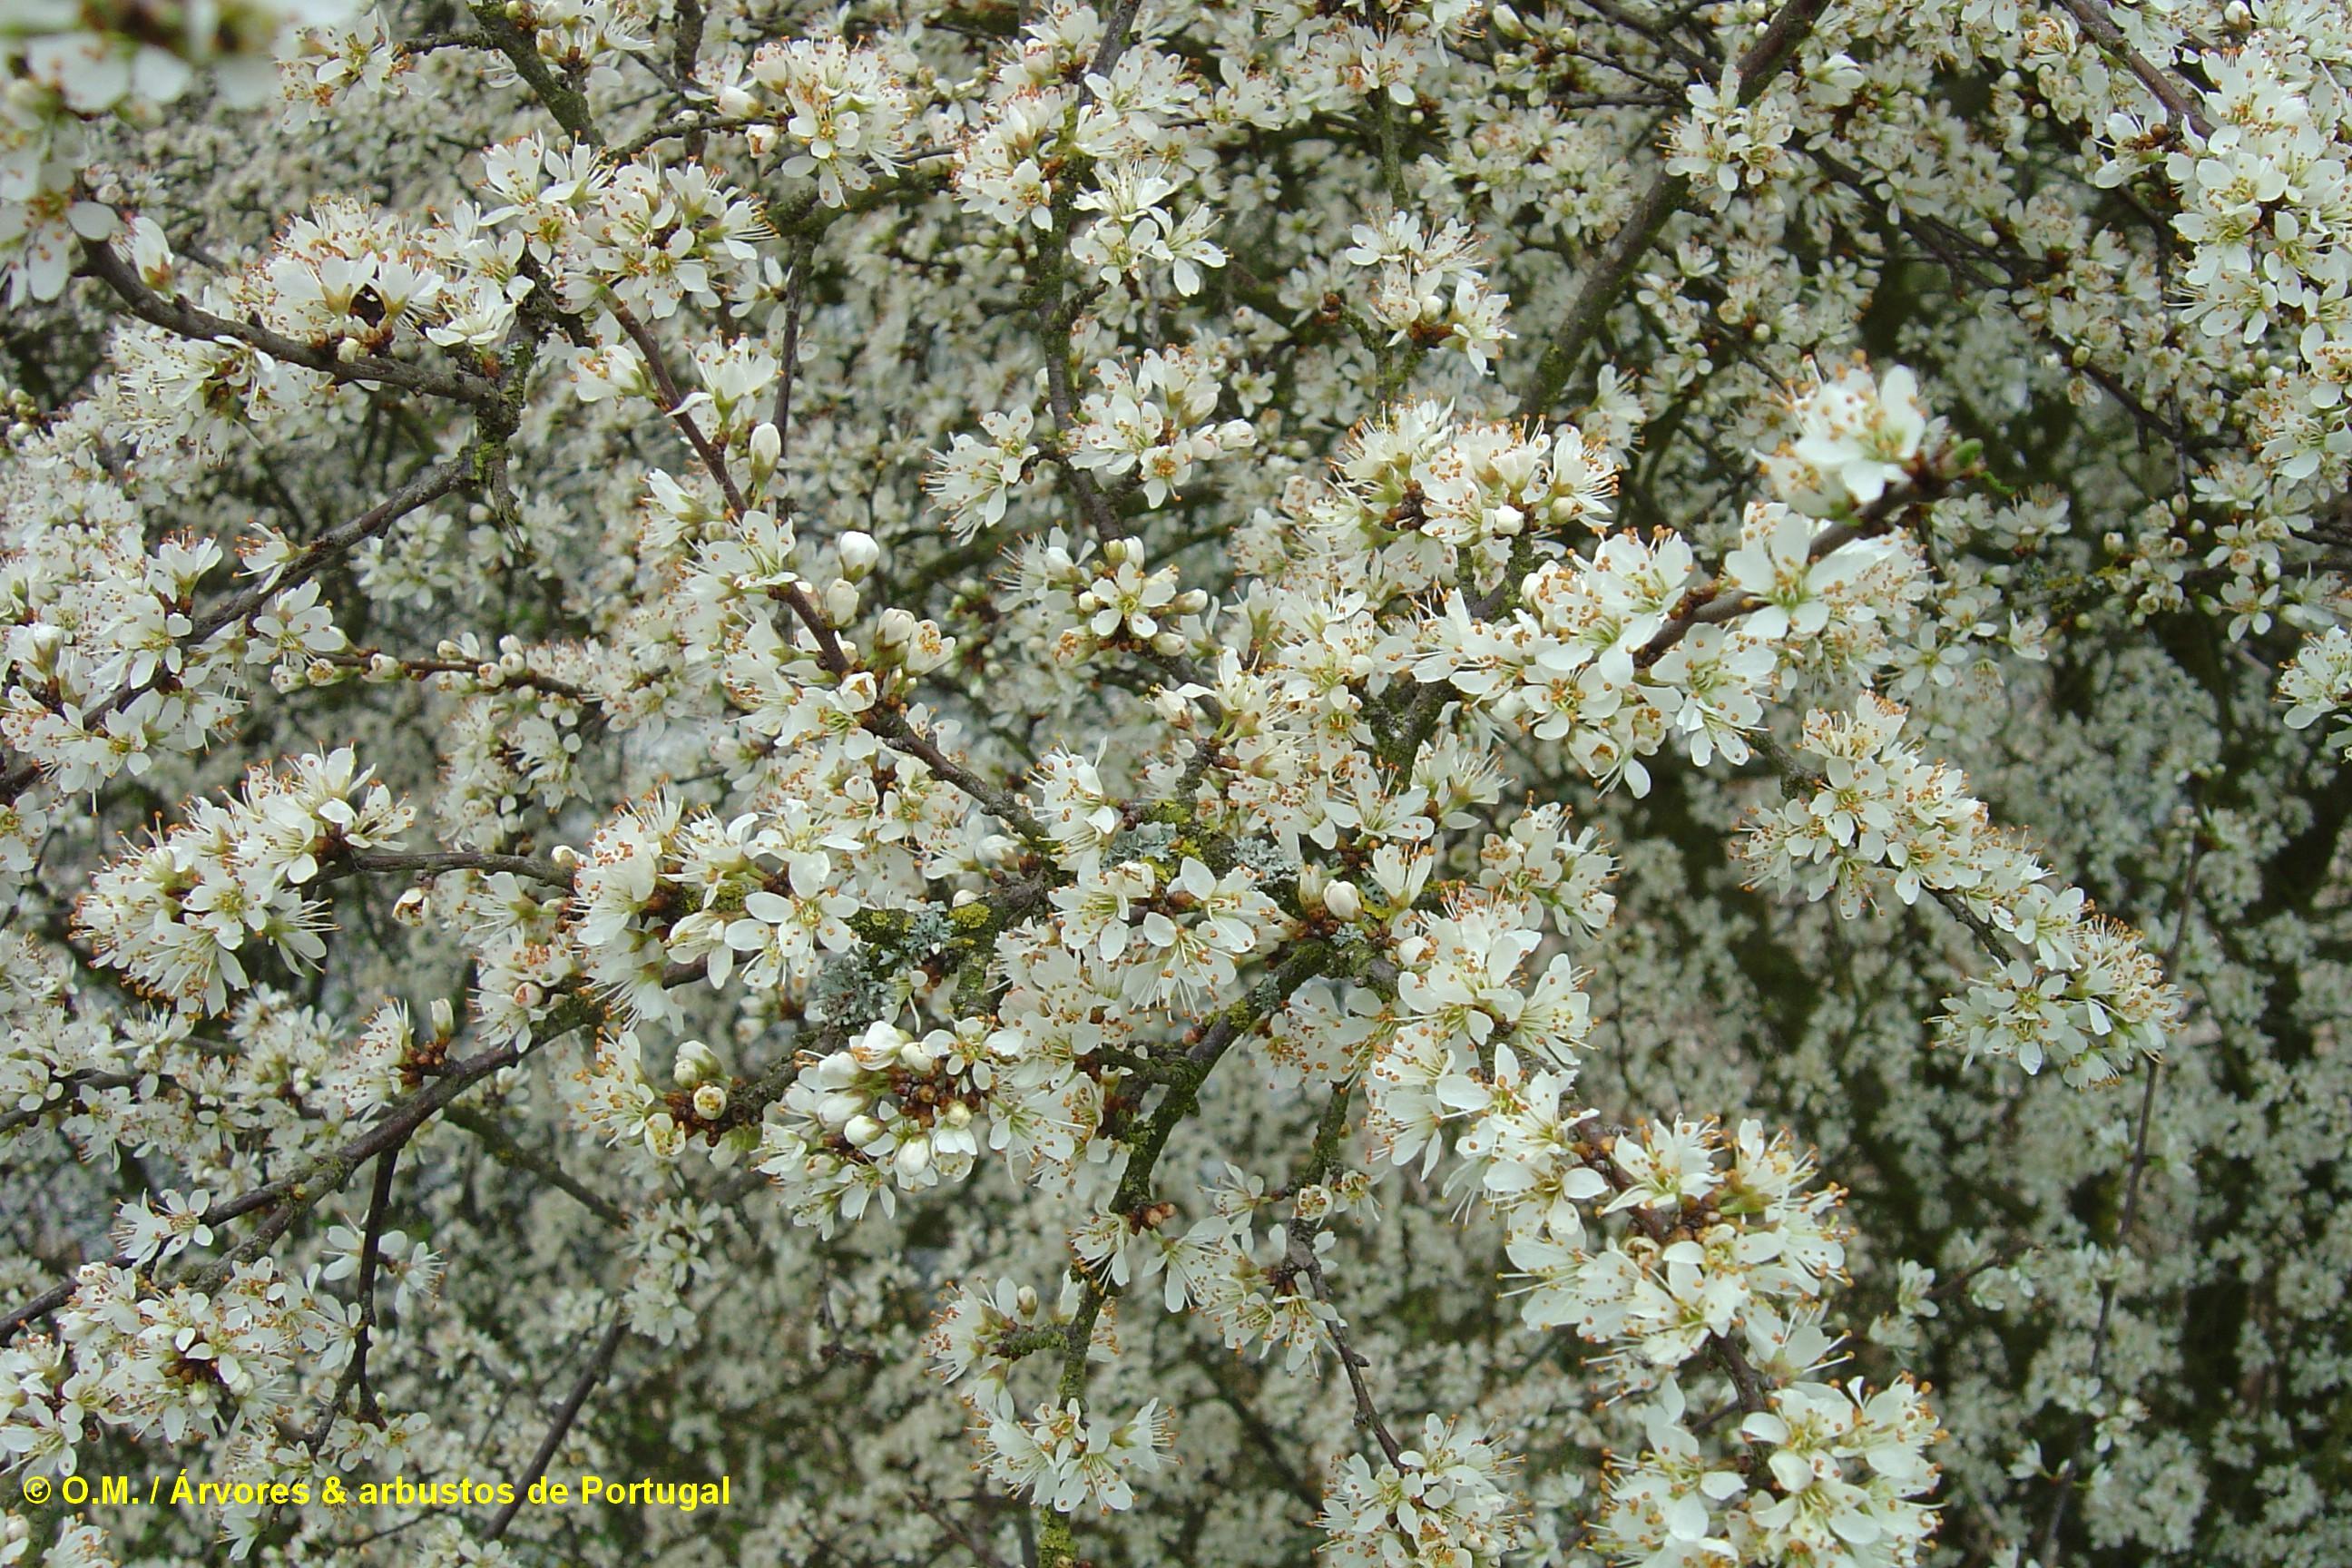 floração, aspecto parcial do abrunheiro-bravo – Prunus spinosa